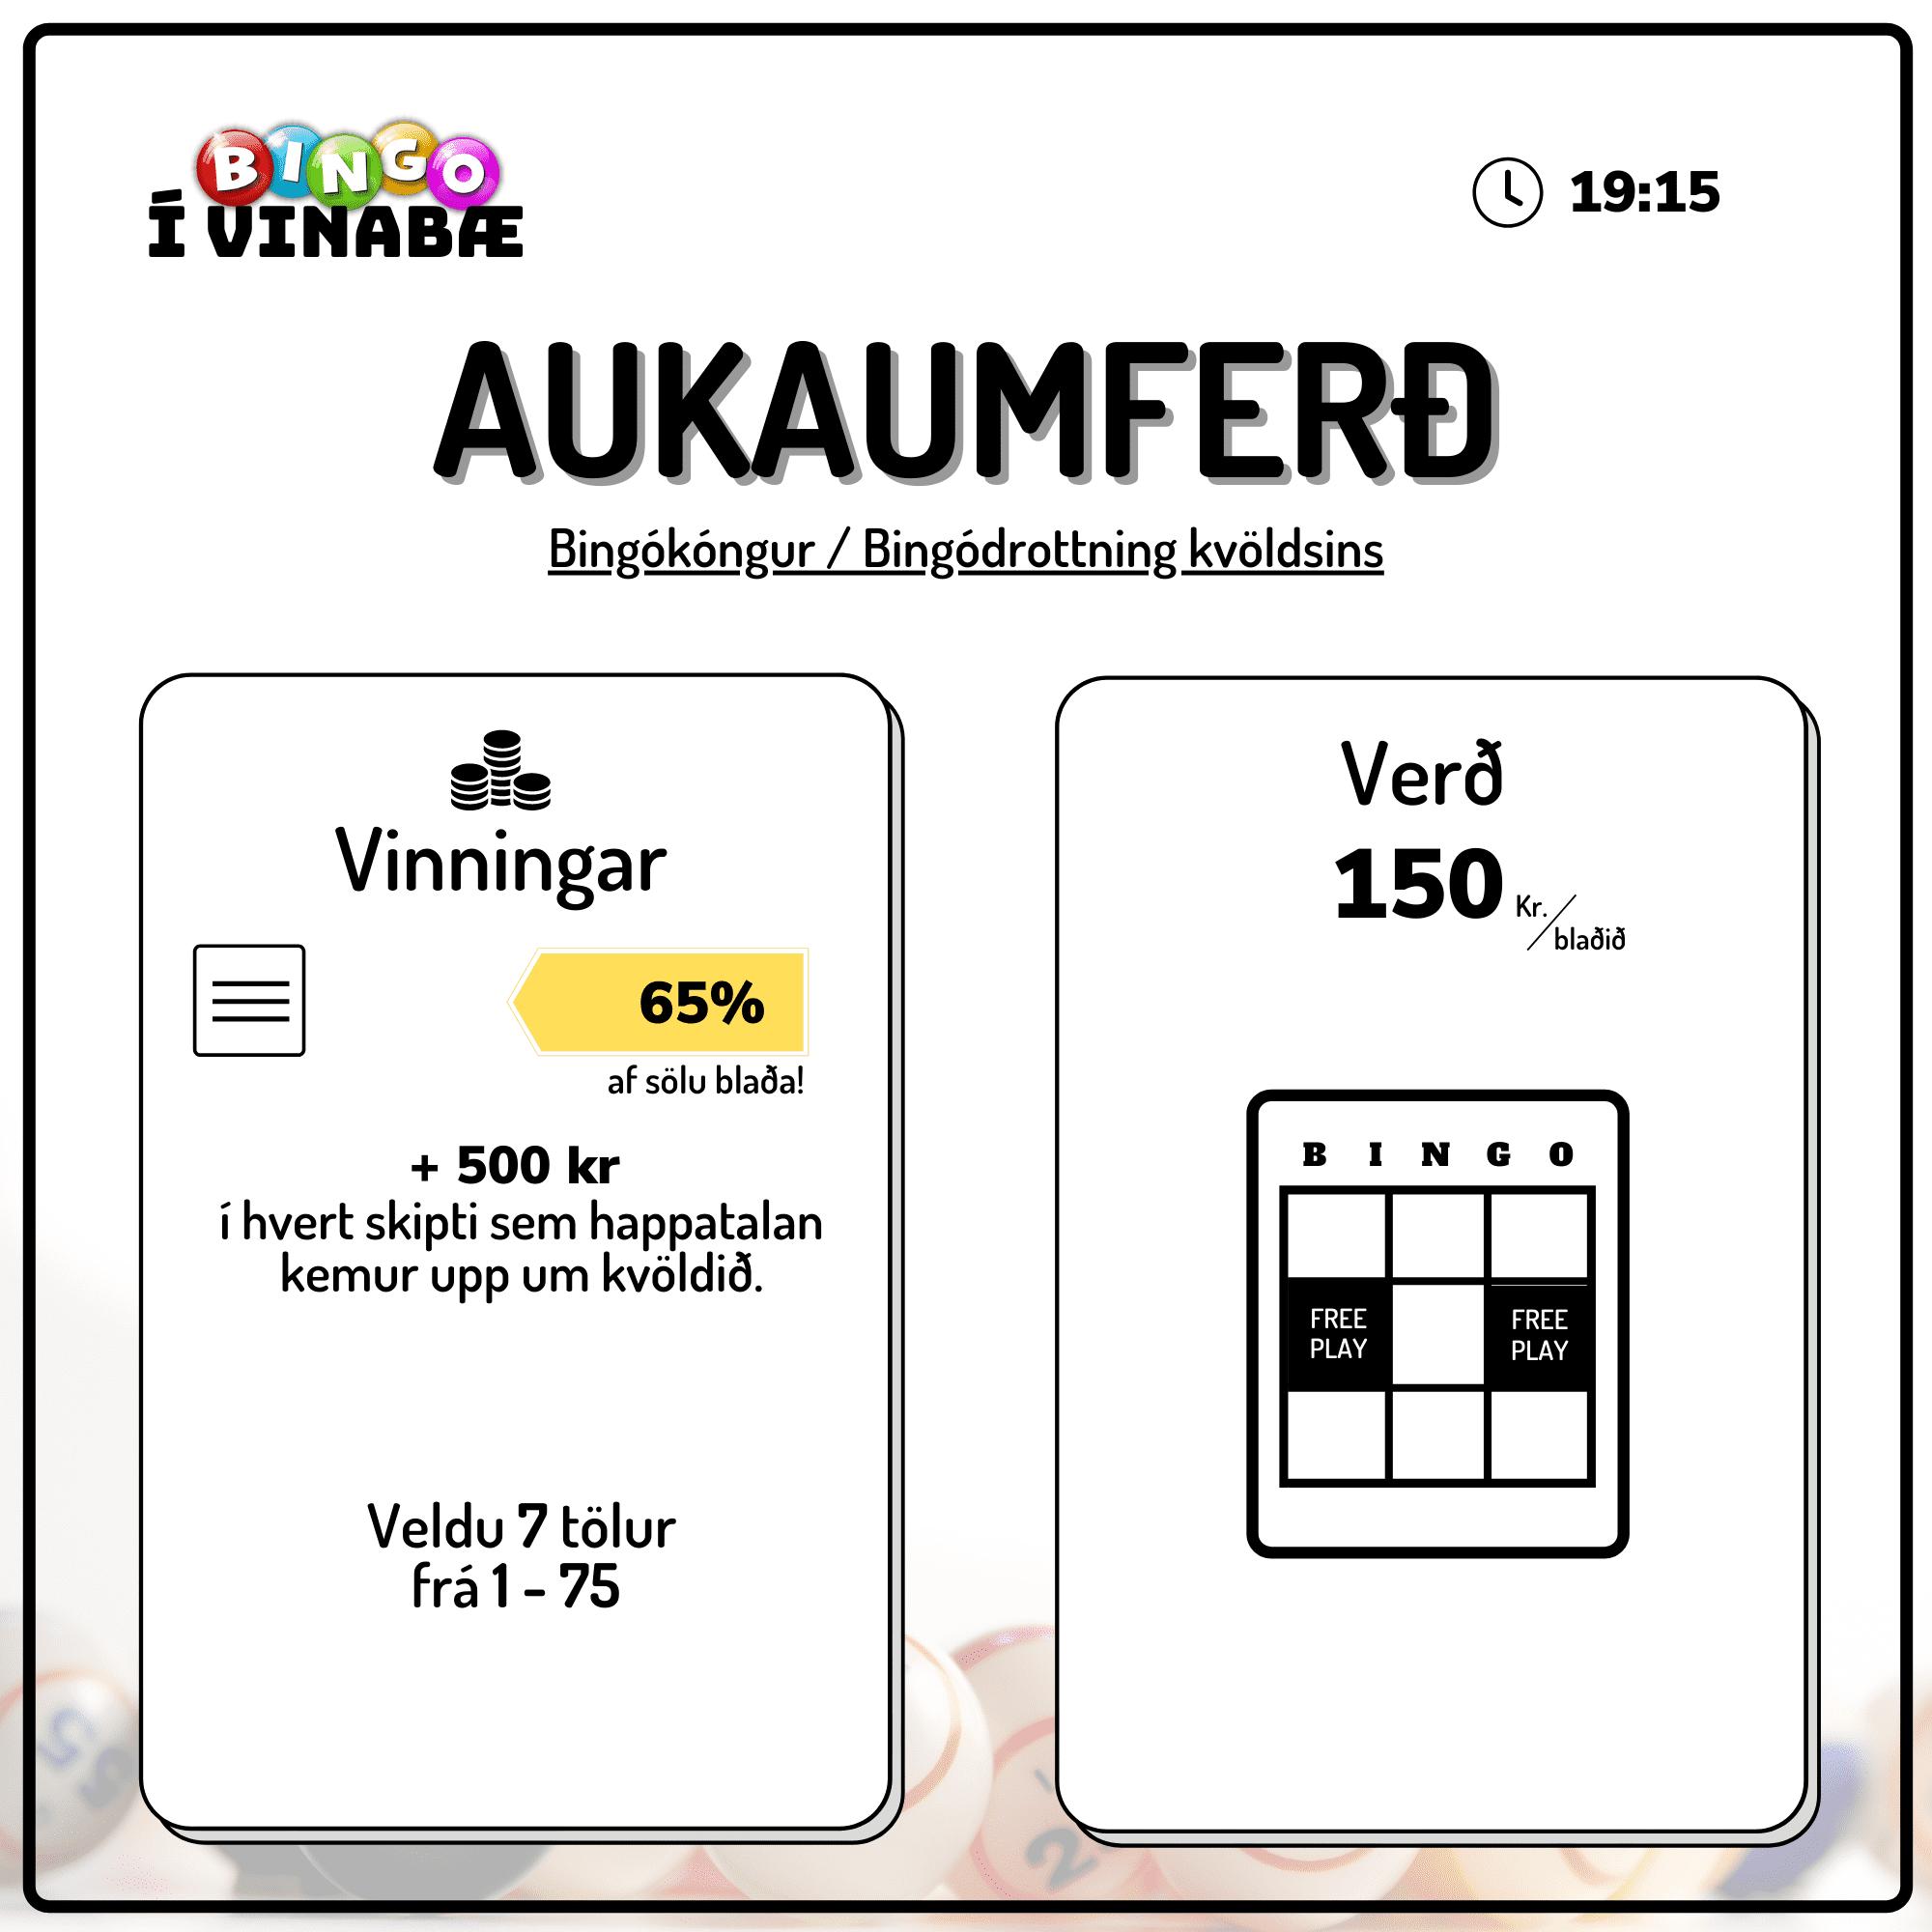 auka_optimized